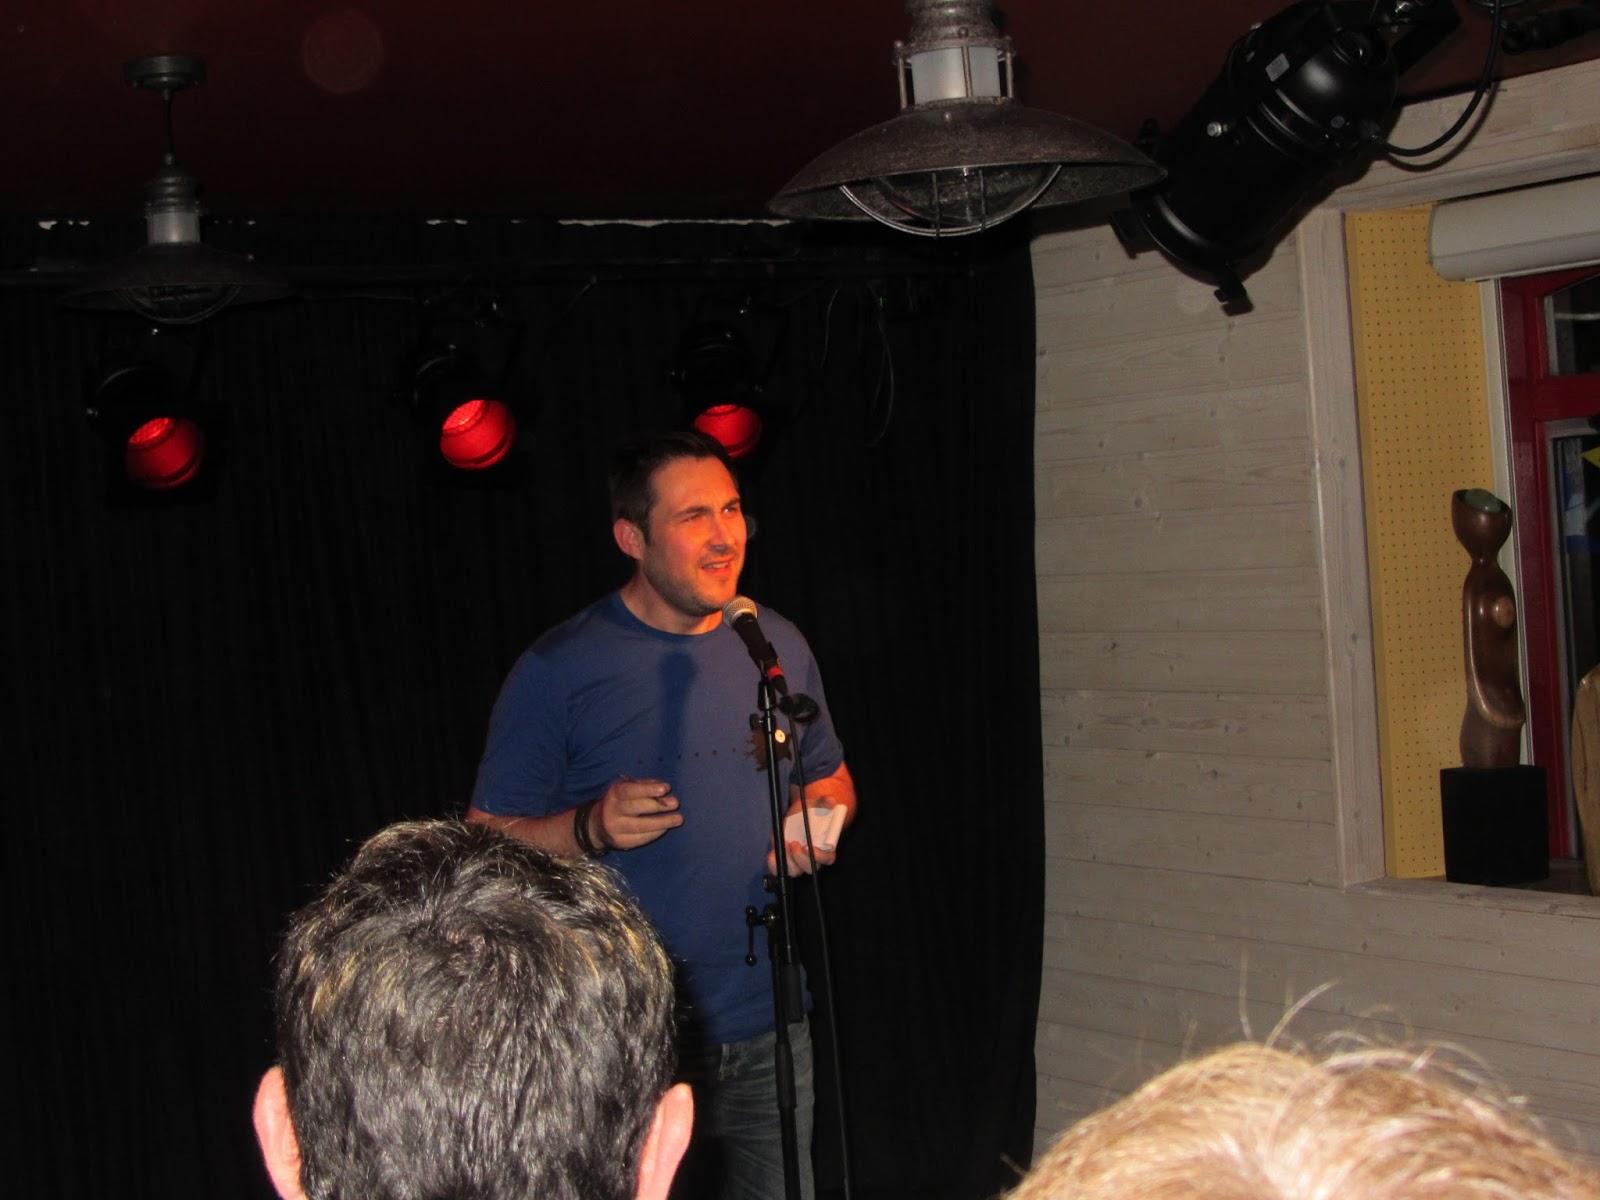 L'Audomarois, bar-tabac bistrot culturel de proximité à St-Omer-de-Blain 44 – 7 mars 2015 – soirée slam : Printemps des Poètes avec les Amis du Puits au Chat, Slam Poetry et les ateliers-slam des collège, lycée et CSC Tempo de Blain.